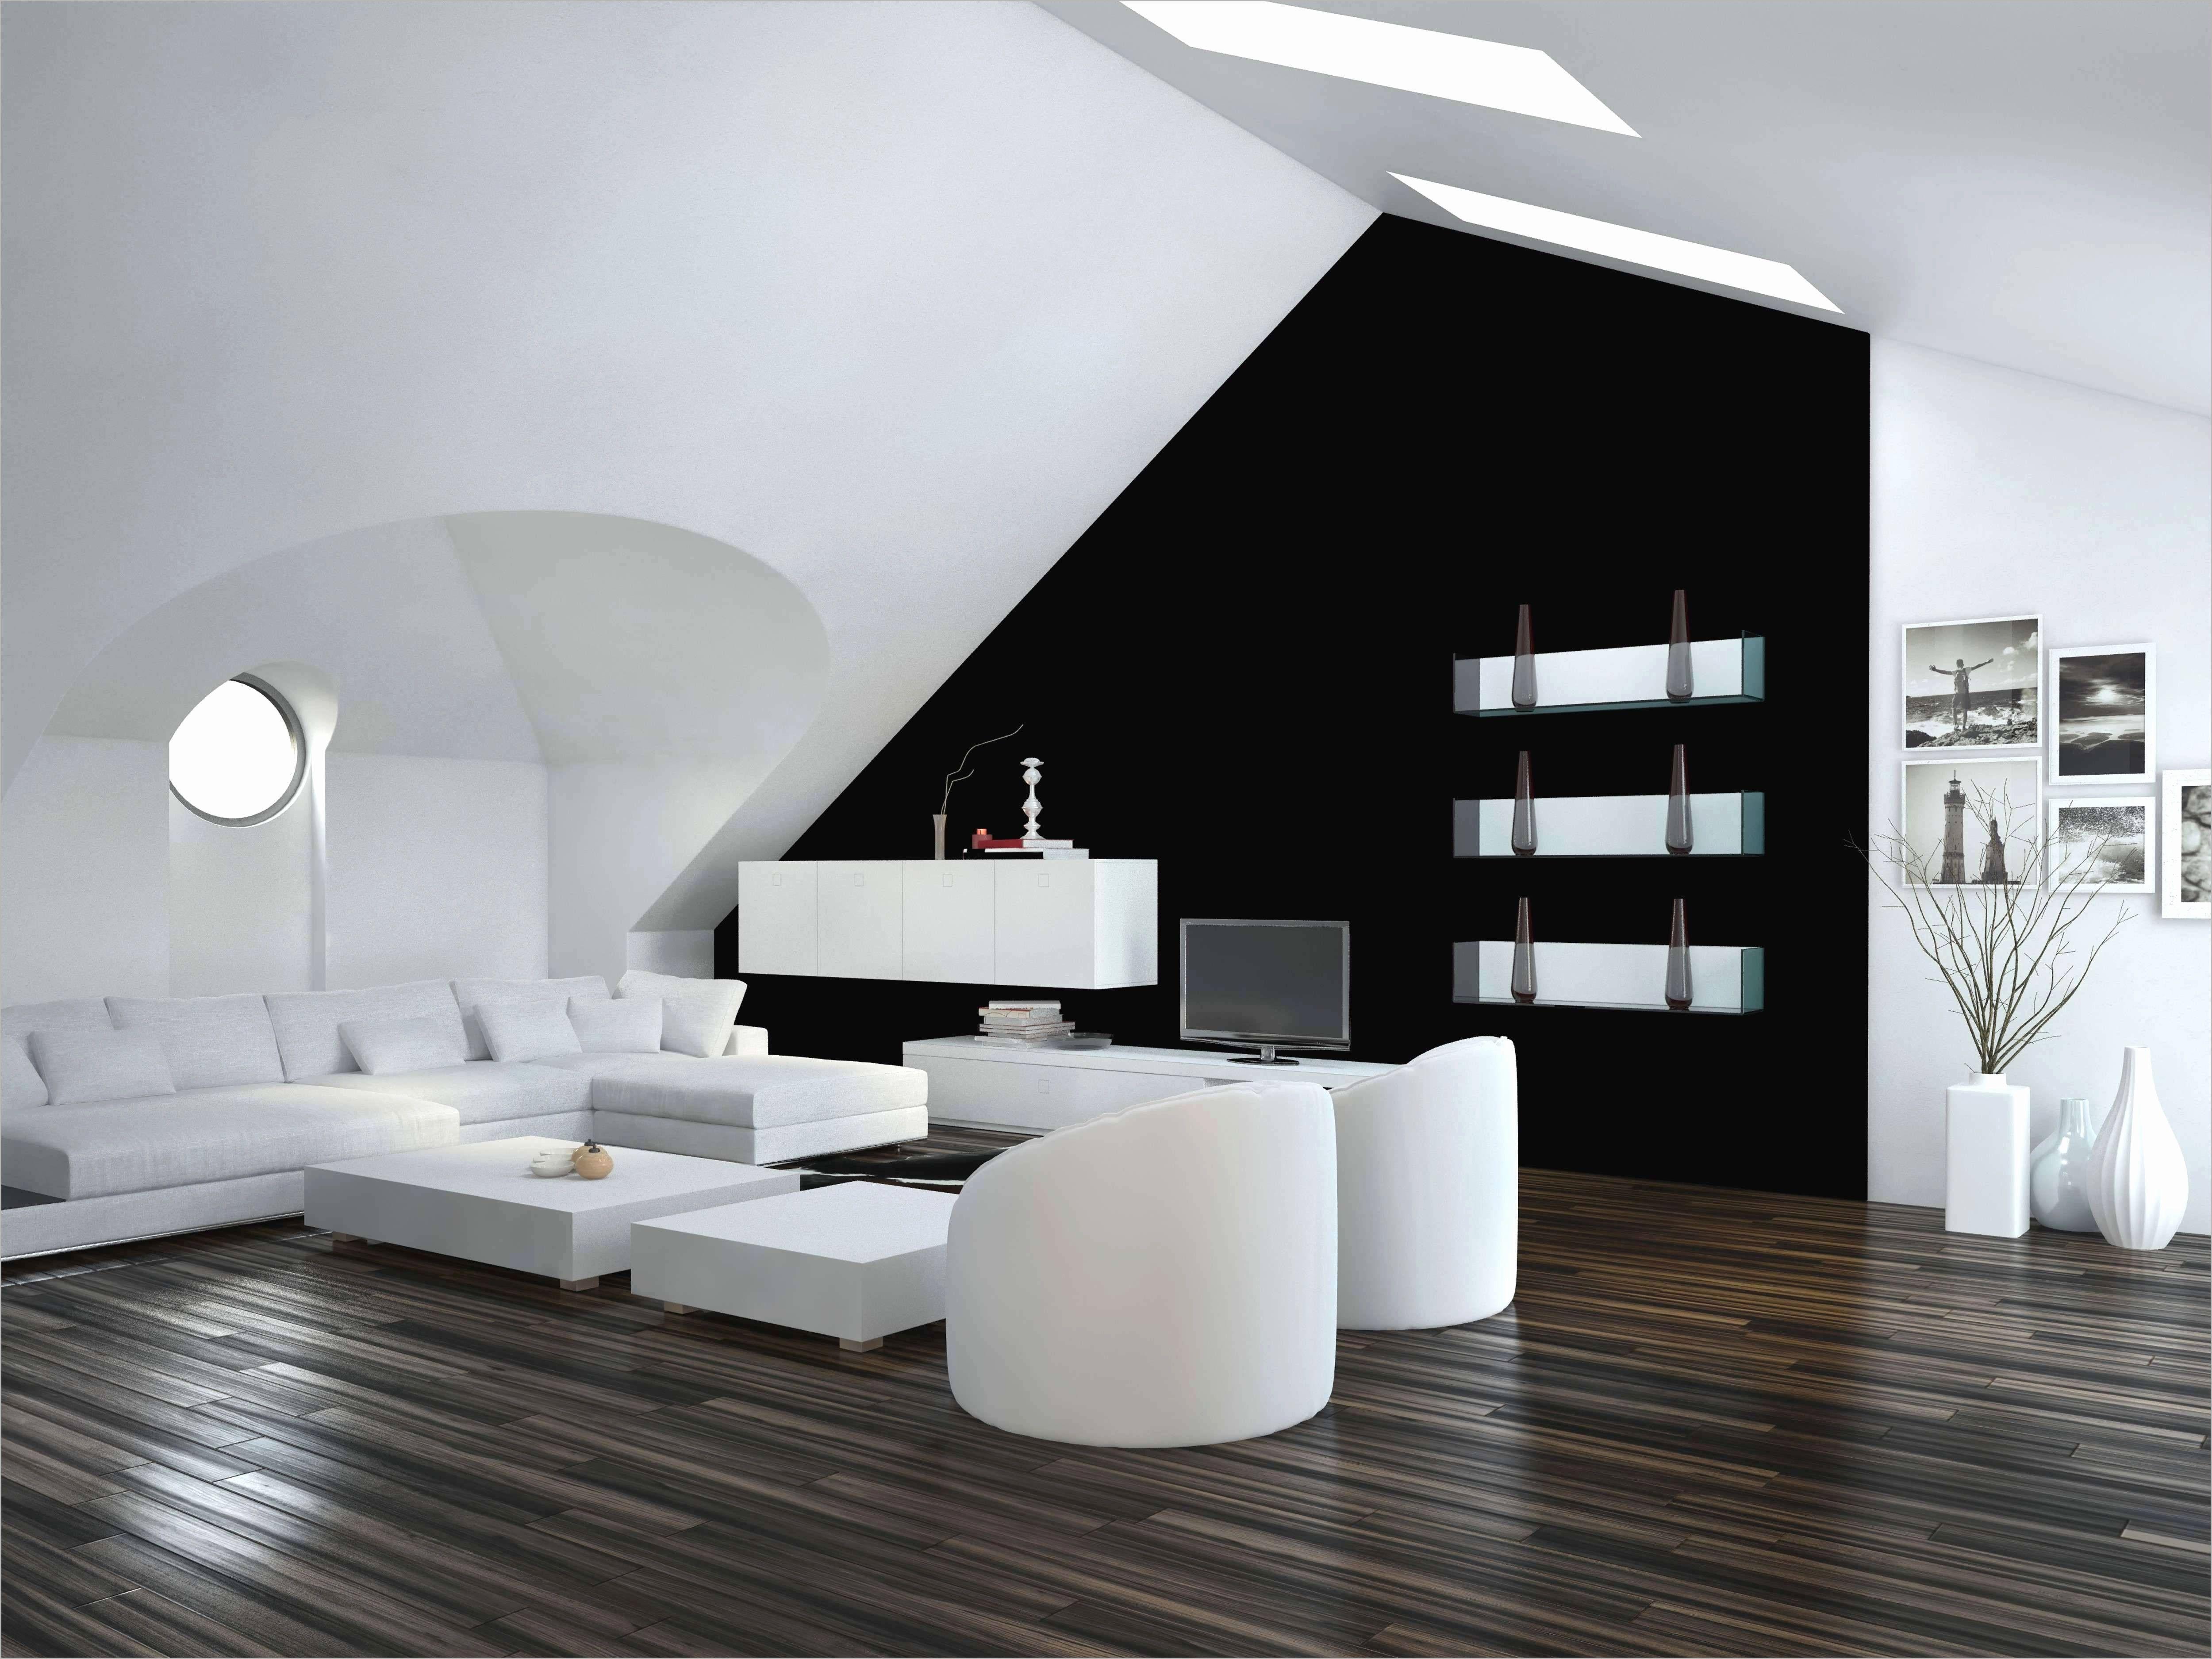 moderne deko ideen | wohnzimmer ideen modern, deko